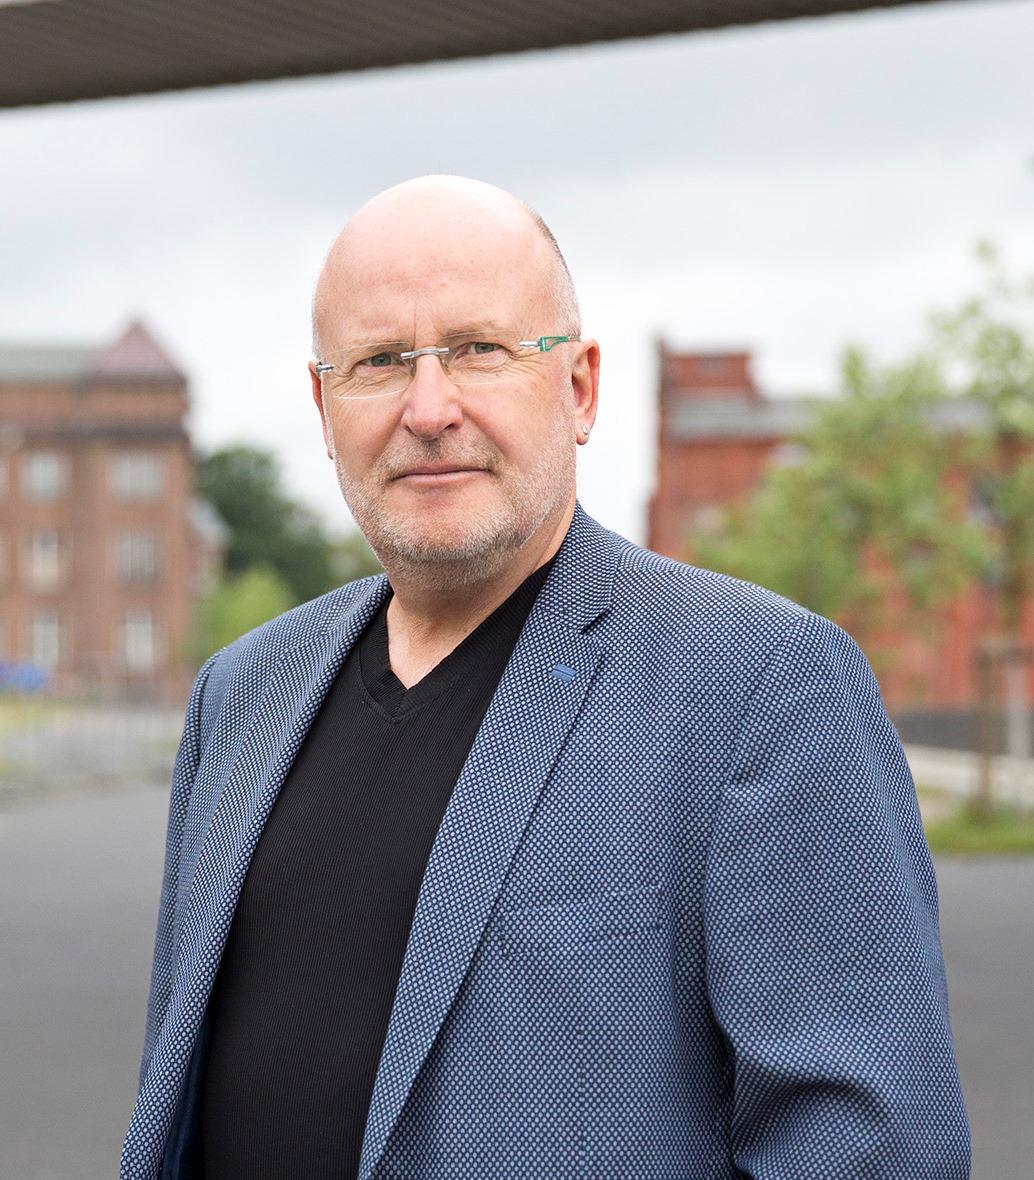 Peter Nowack leitet das Ortsamt Blumenthal seit 2010.